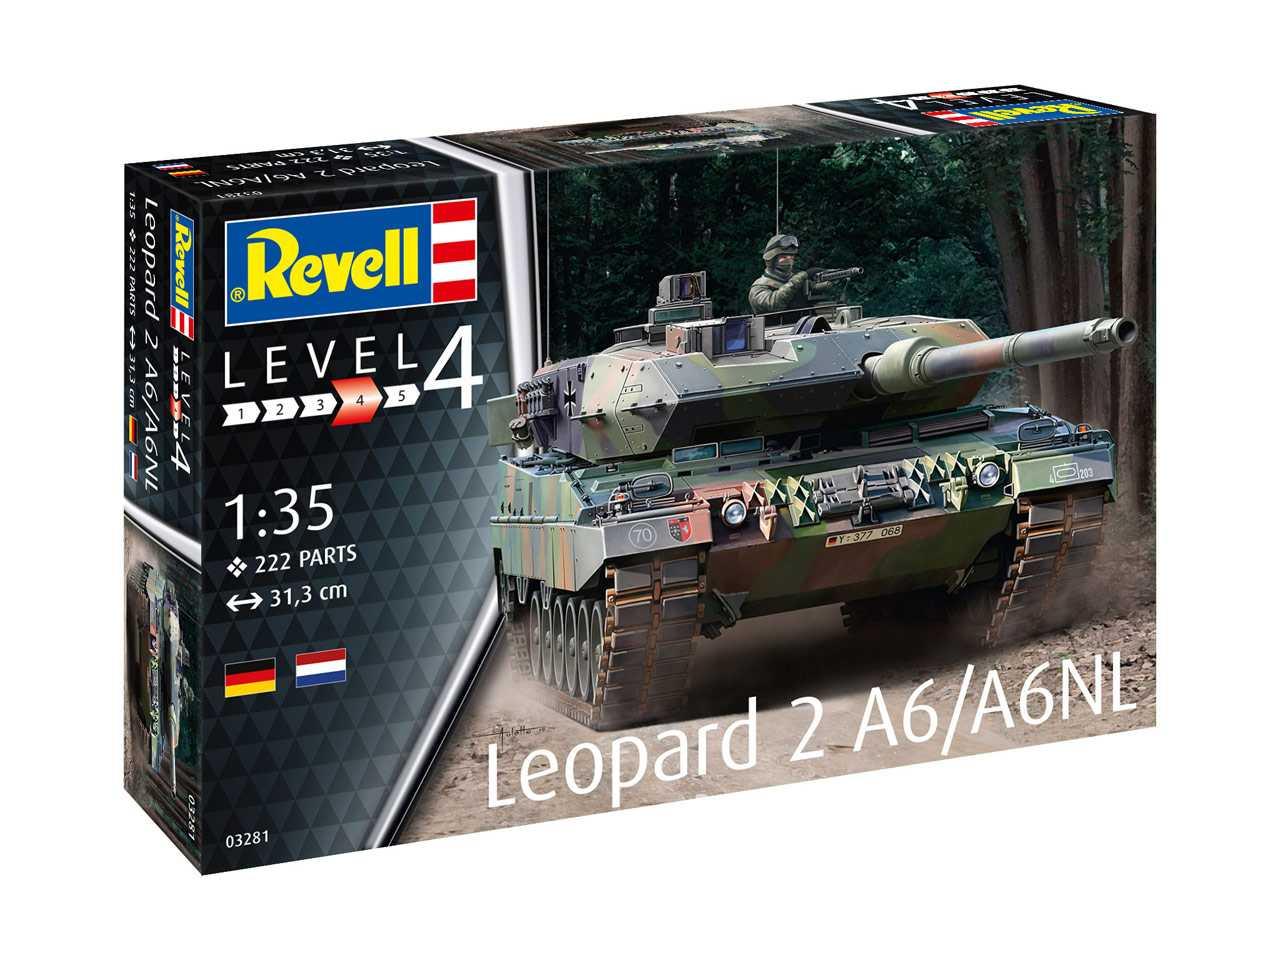 1:35 Leopard 2 A6/A6NL